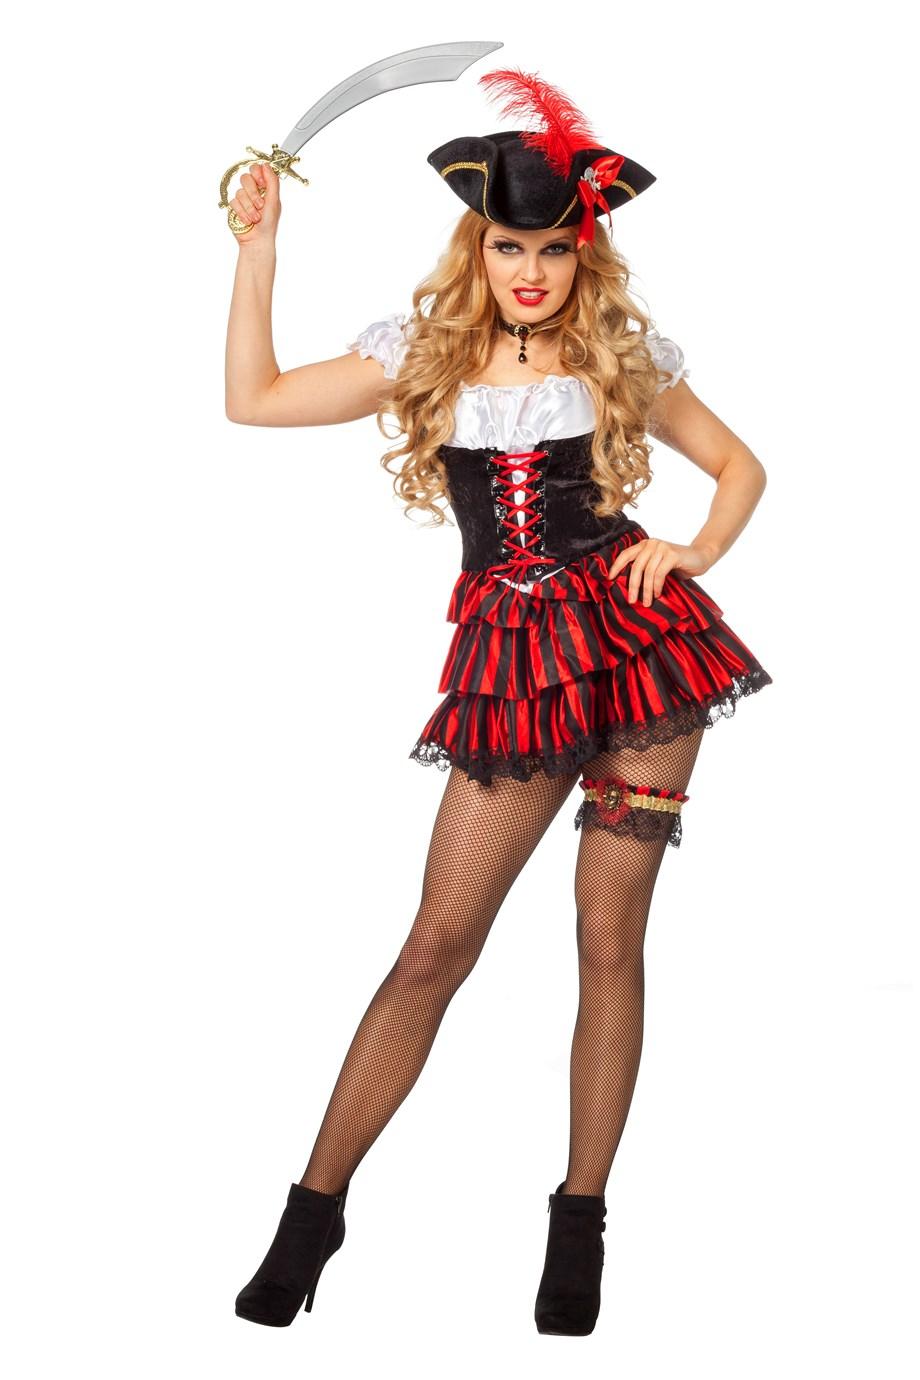 faschingskost m sexy piratin schwarz mit roten kost me f r fasching karneval und mottopartys. Black Bedroom Furniture Sets. Home Design Ideas